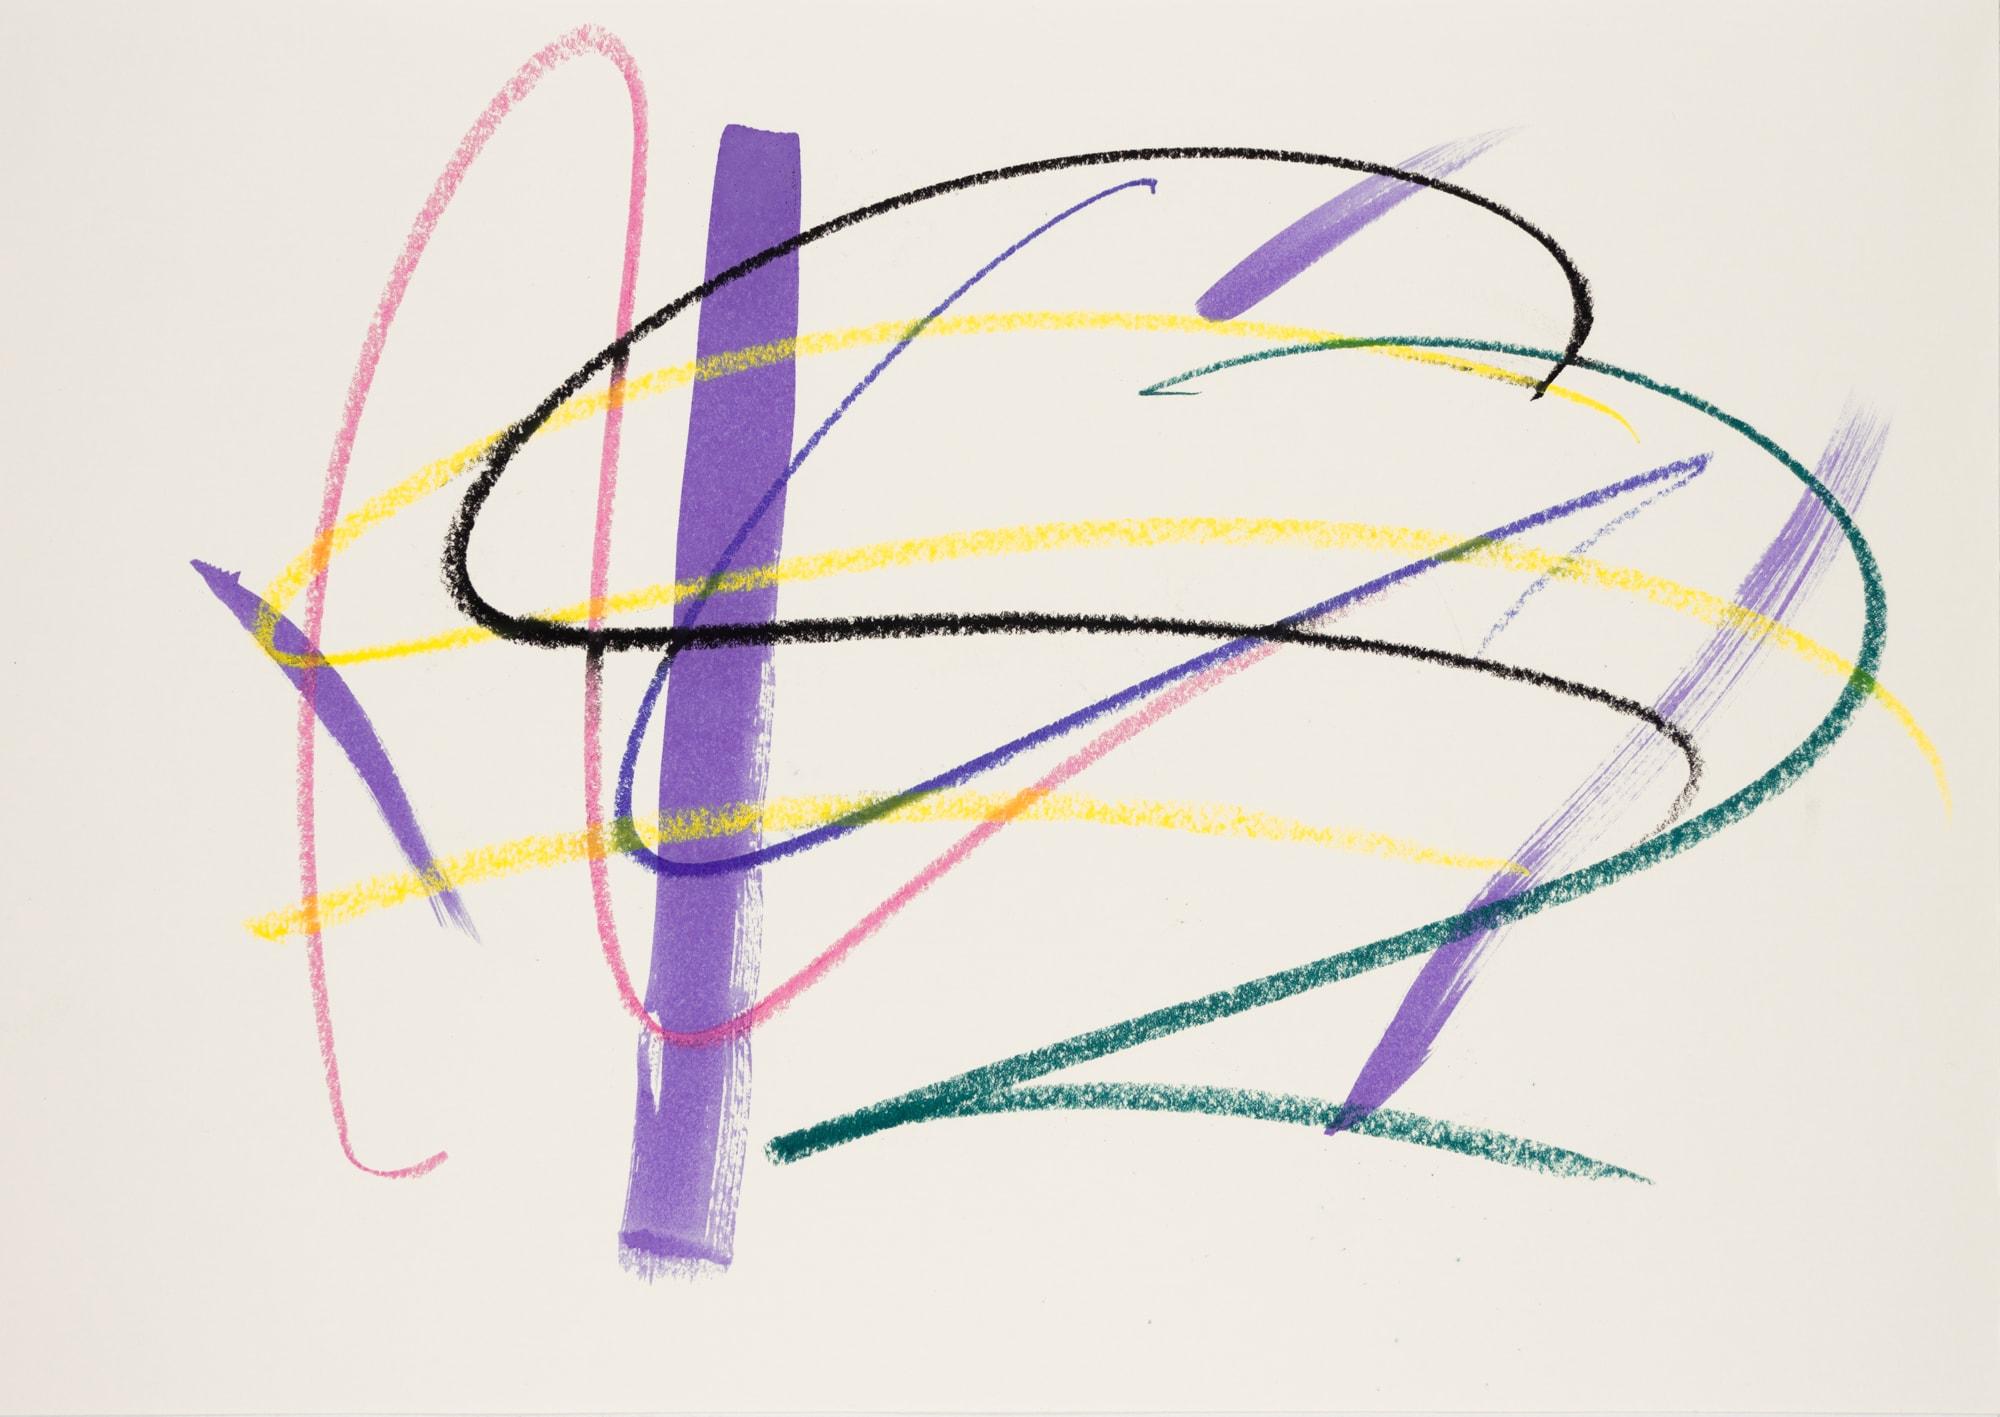 Zeichnung, Ölkreide und Tusche auf Papier, 42x29,7cm, abstrakt, Künstlerin: Franziska King